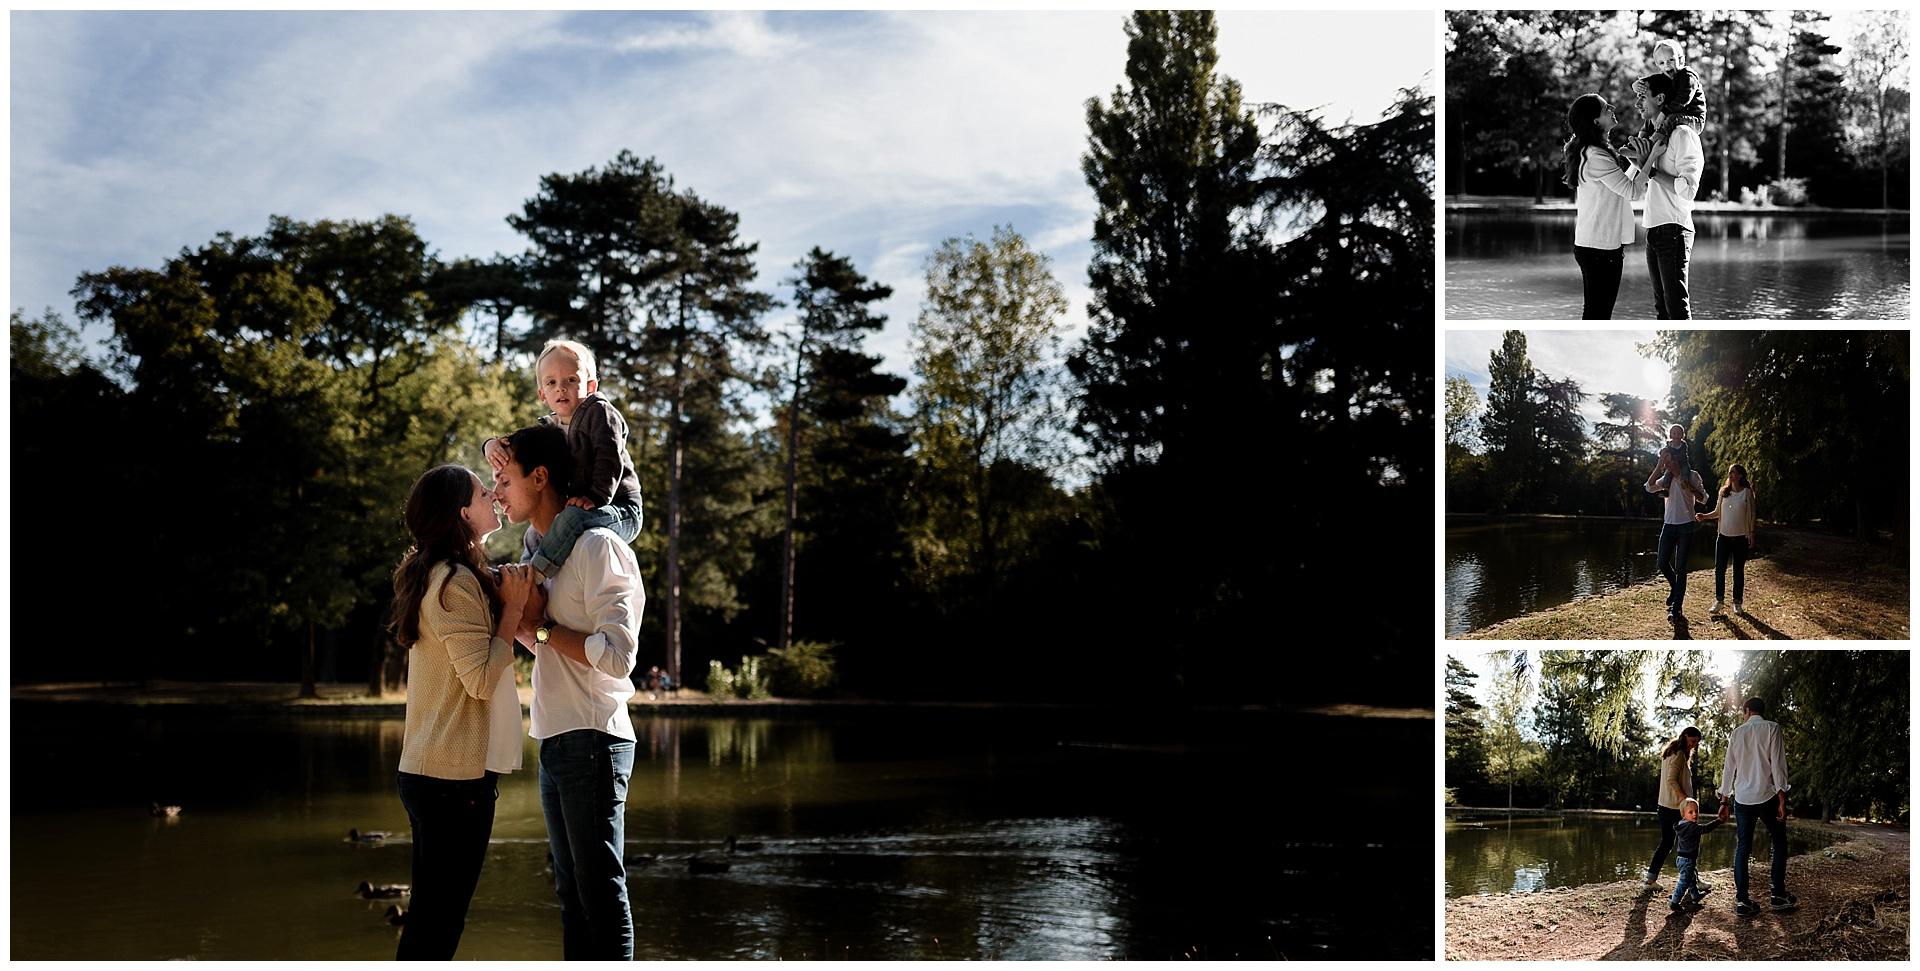 séance photo famille grossesse extérieur lifestyle Boulogne-billancourt Sandrine Siryani